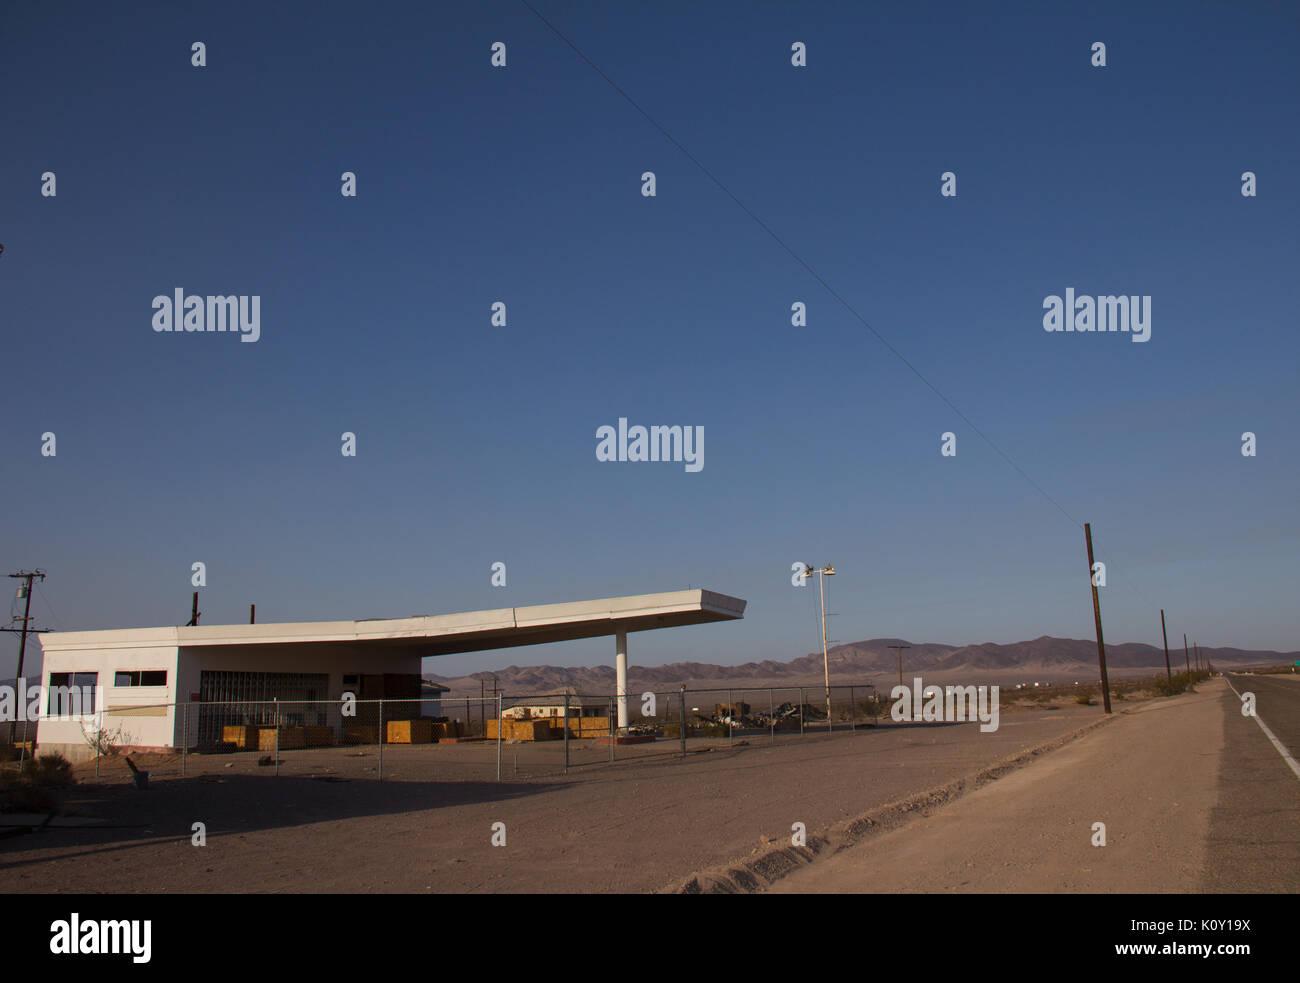 Abandoned Gas Station Alongside Route 66 Stock Photo Alamy